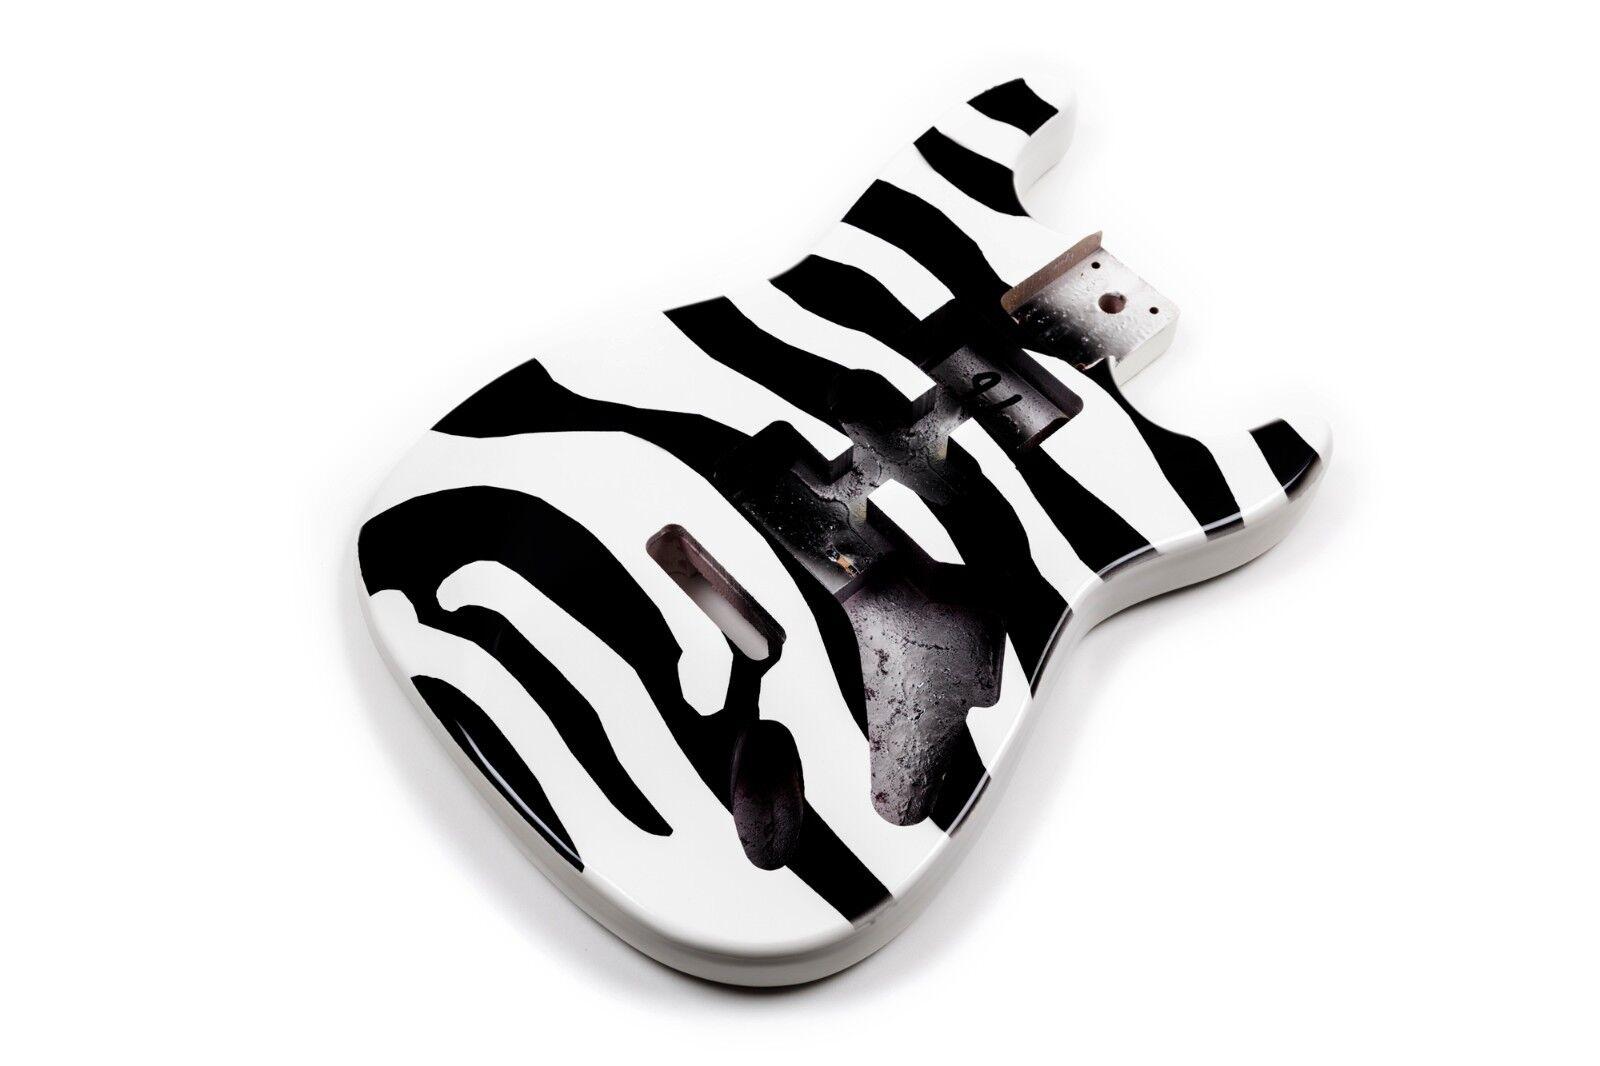 Körper Zebra Gitarre Stratocaster Linden - Zebra Lindenholz electric guitar body